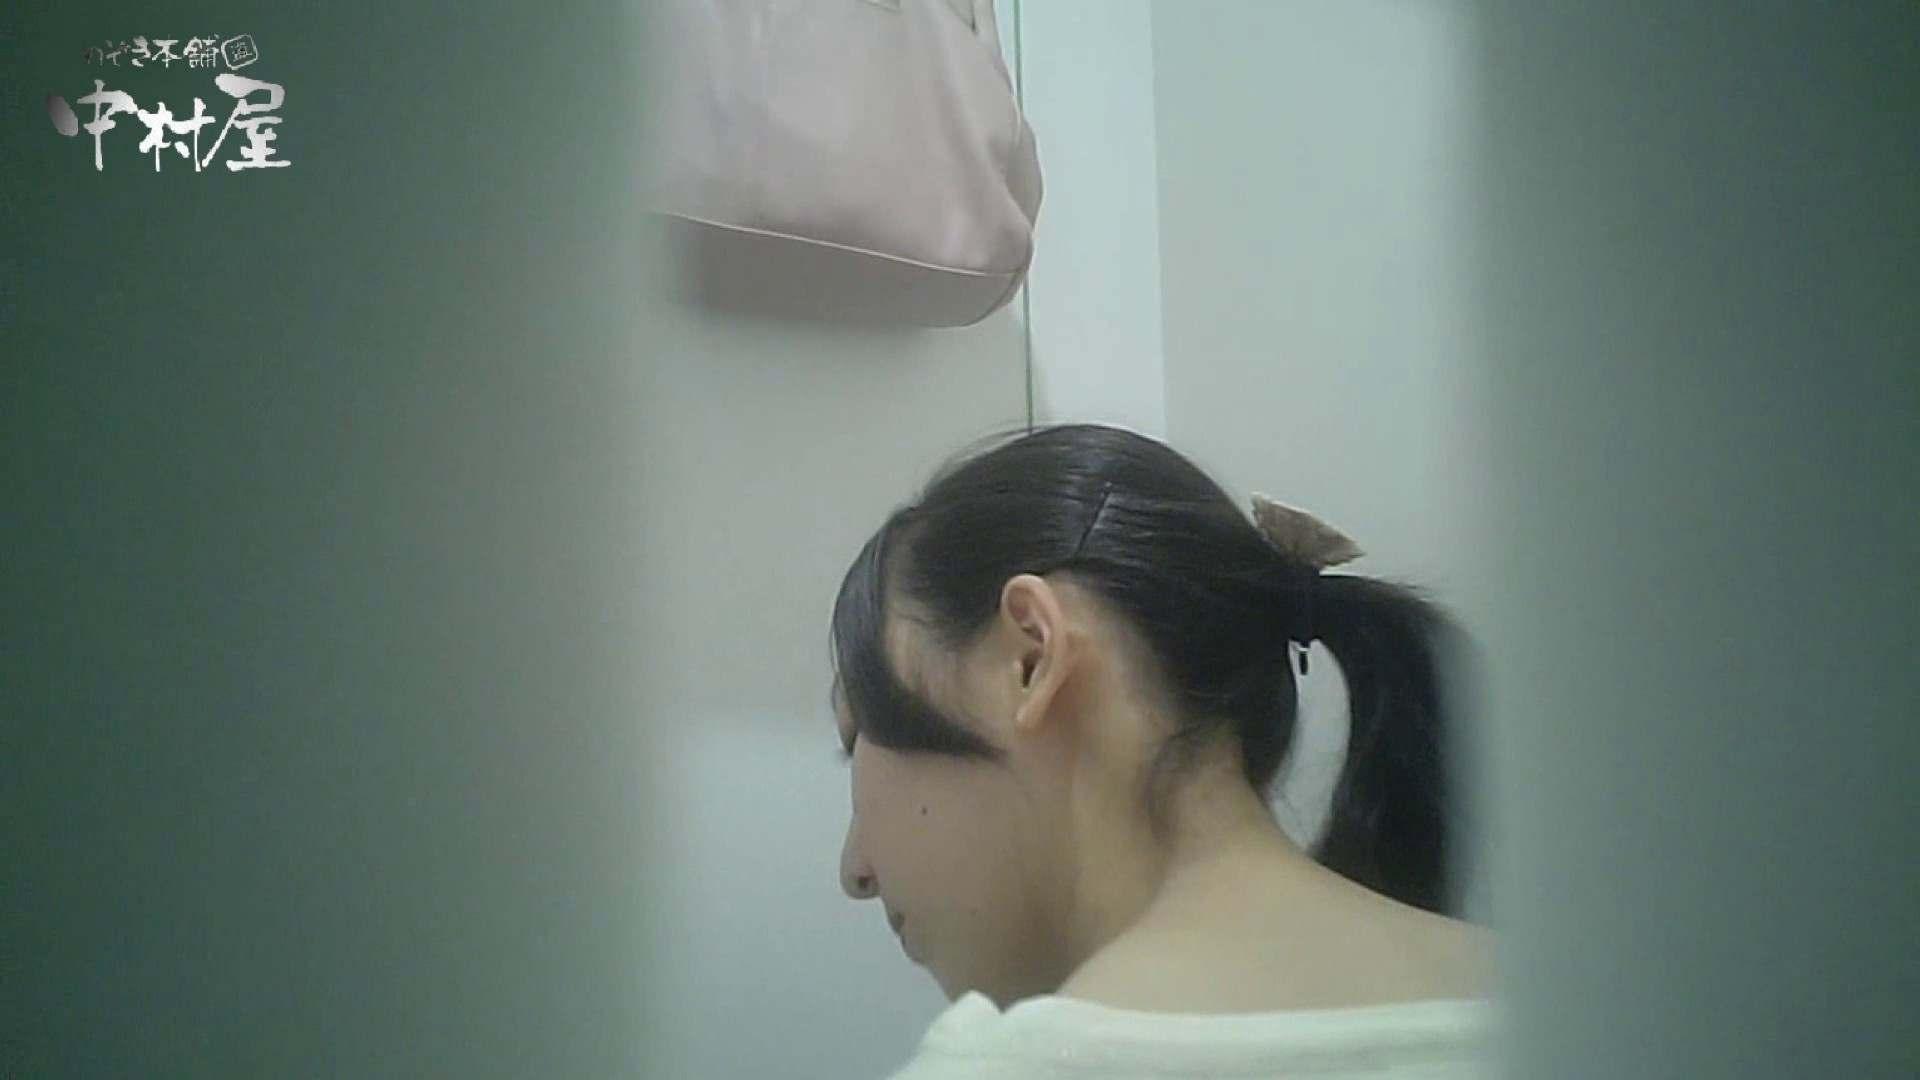 【某有名大学女性洗面所】有名大学女性洗面所 vol.40 ??おまじない的な動きをする子がいます。 和式トイレ | 美しいOLの裸体  91pic 51